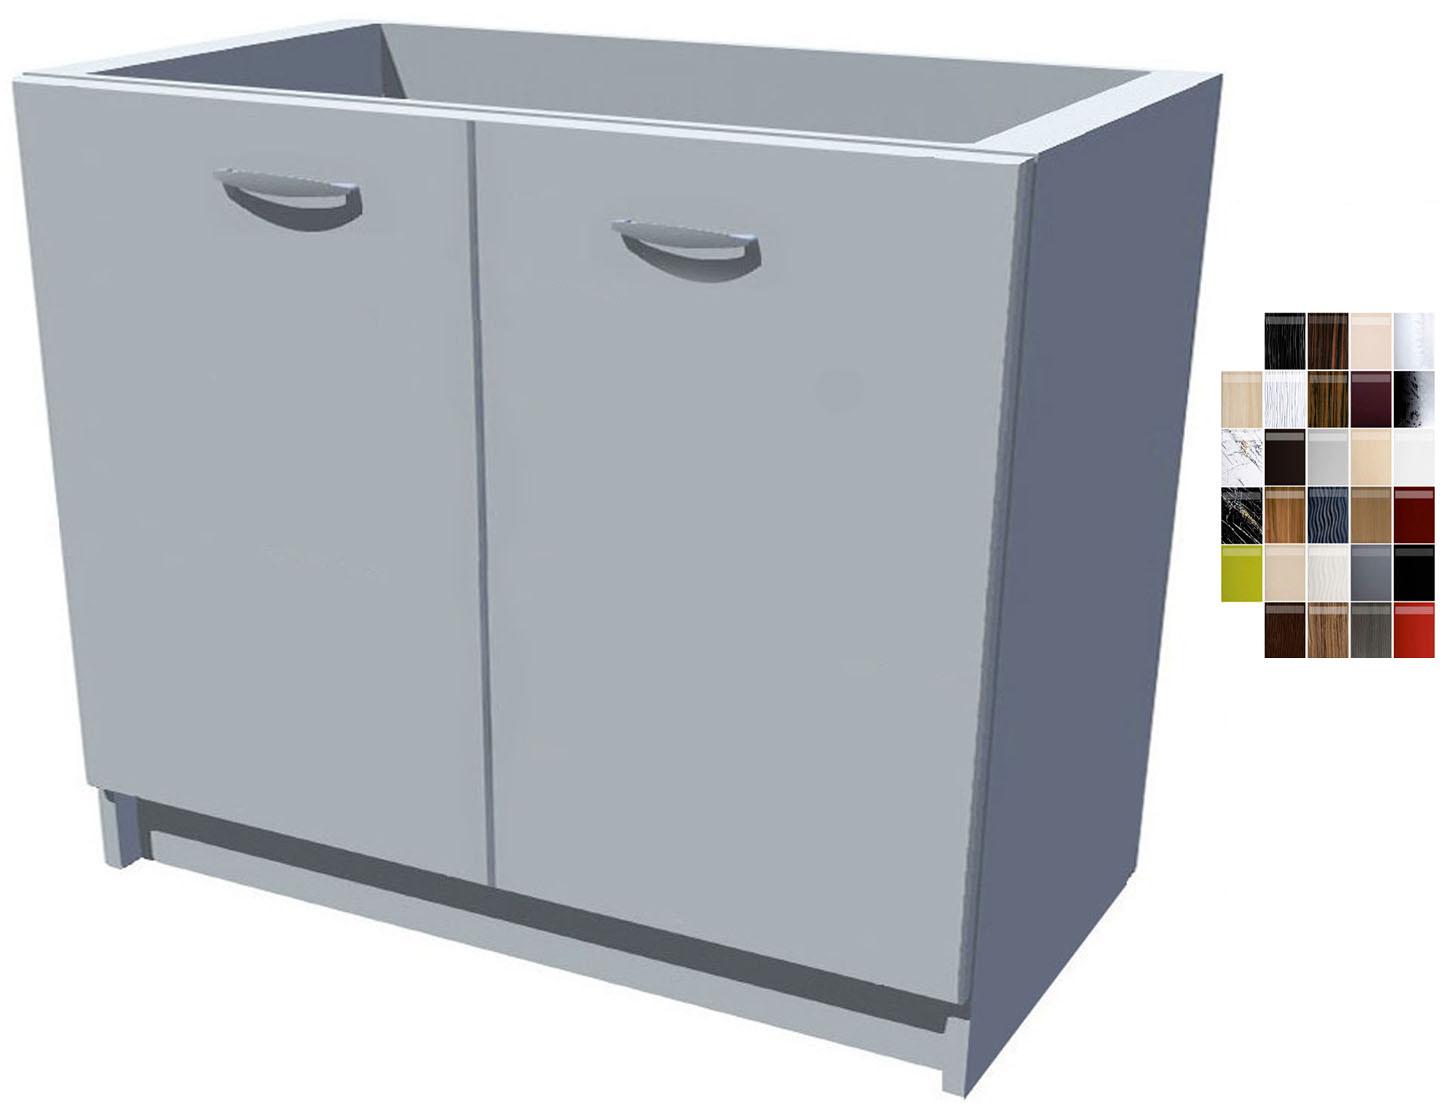 Lesklá dřezová kuchyňská skříňka Carmen 100 2D dřez